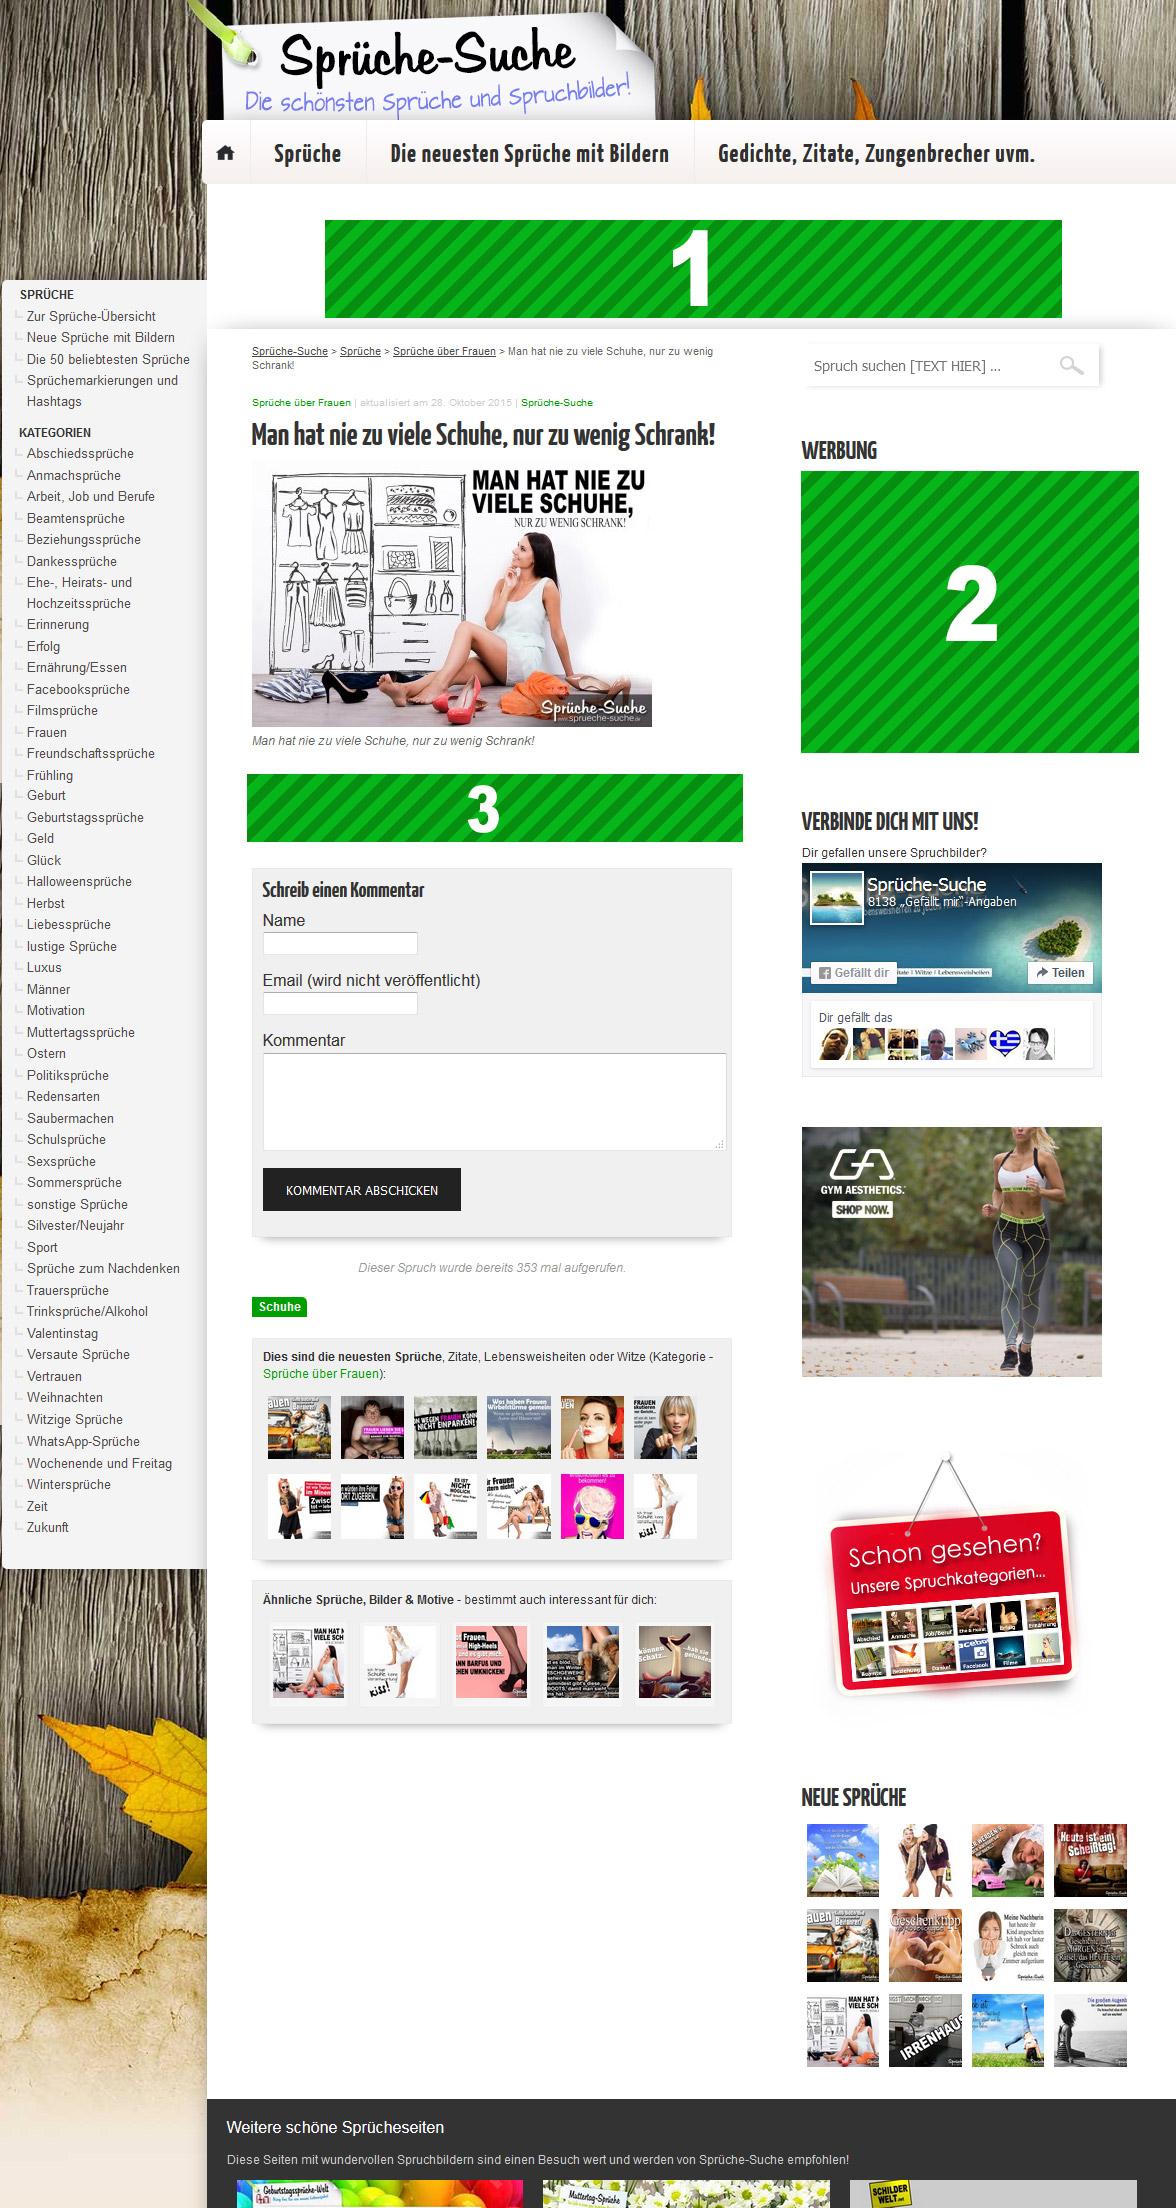 verfügbare Werbeplätze auf sprueche-suche.de